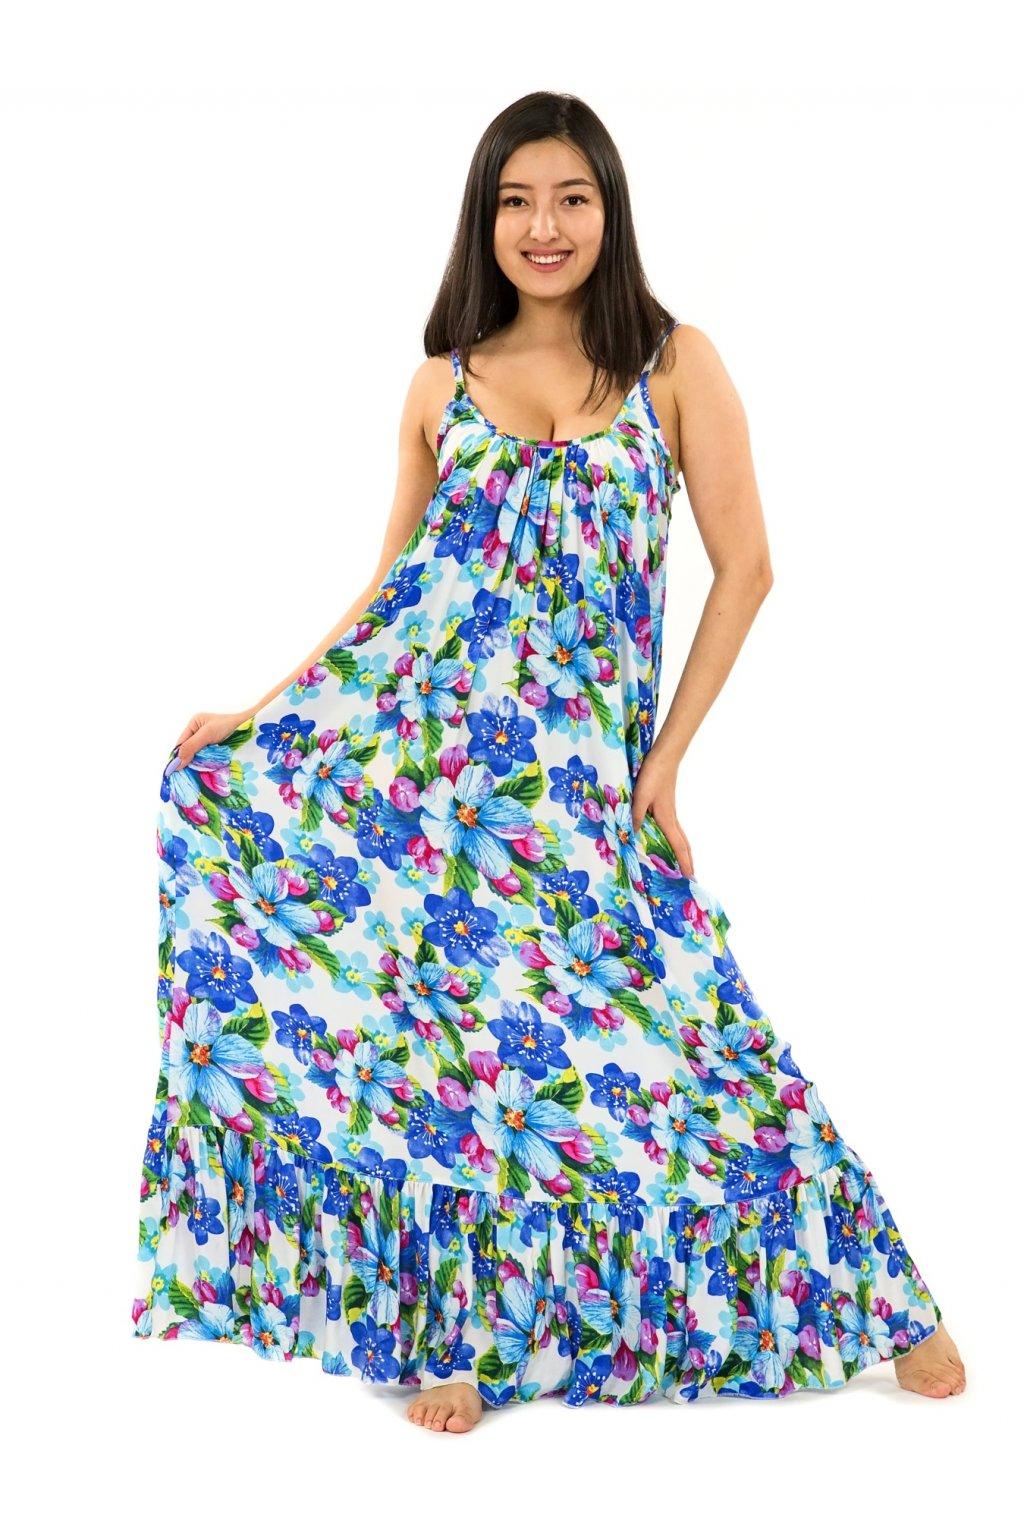 Vzdušné maxi šaty Puena - bílá s tyrkysovou